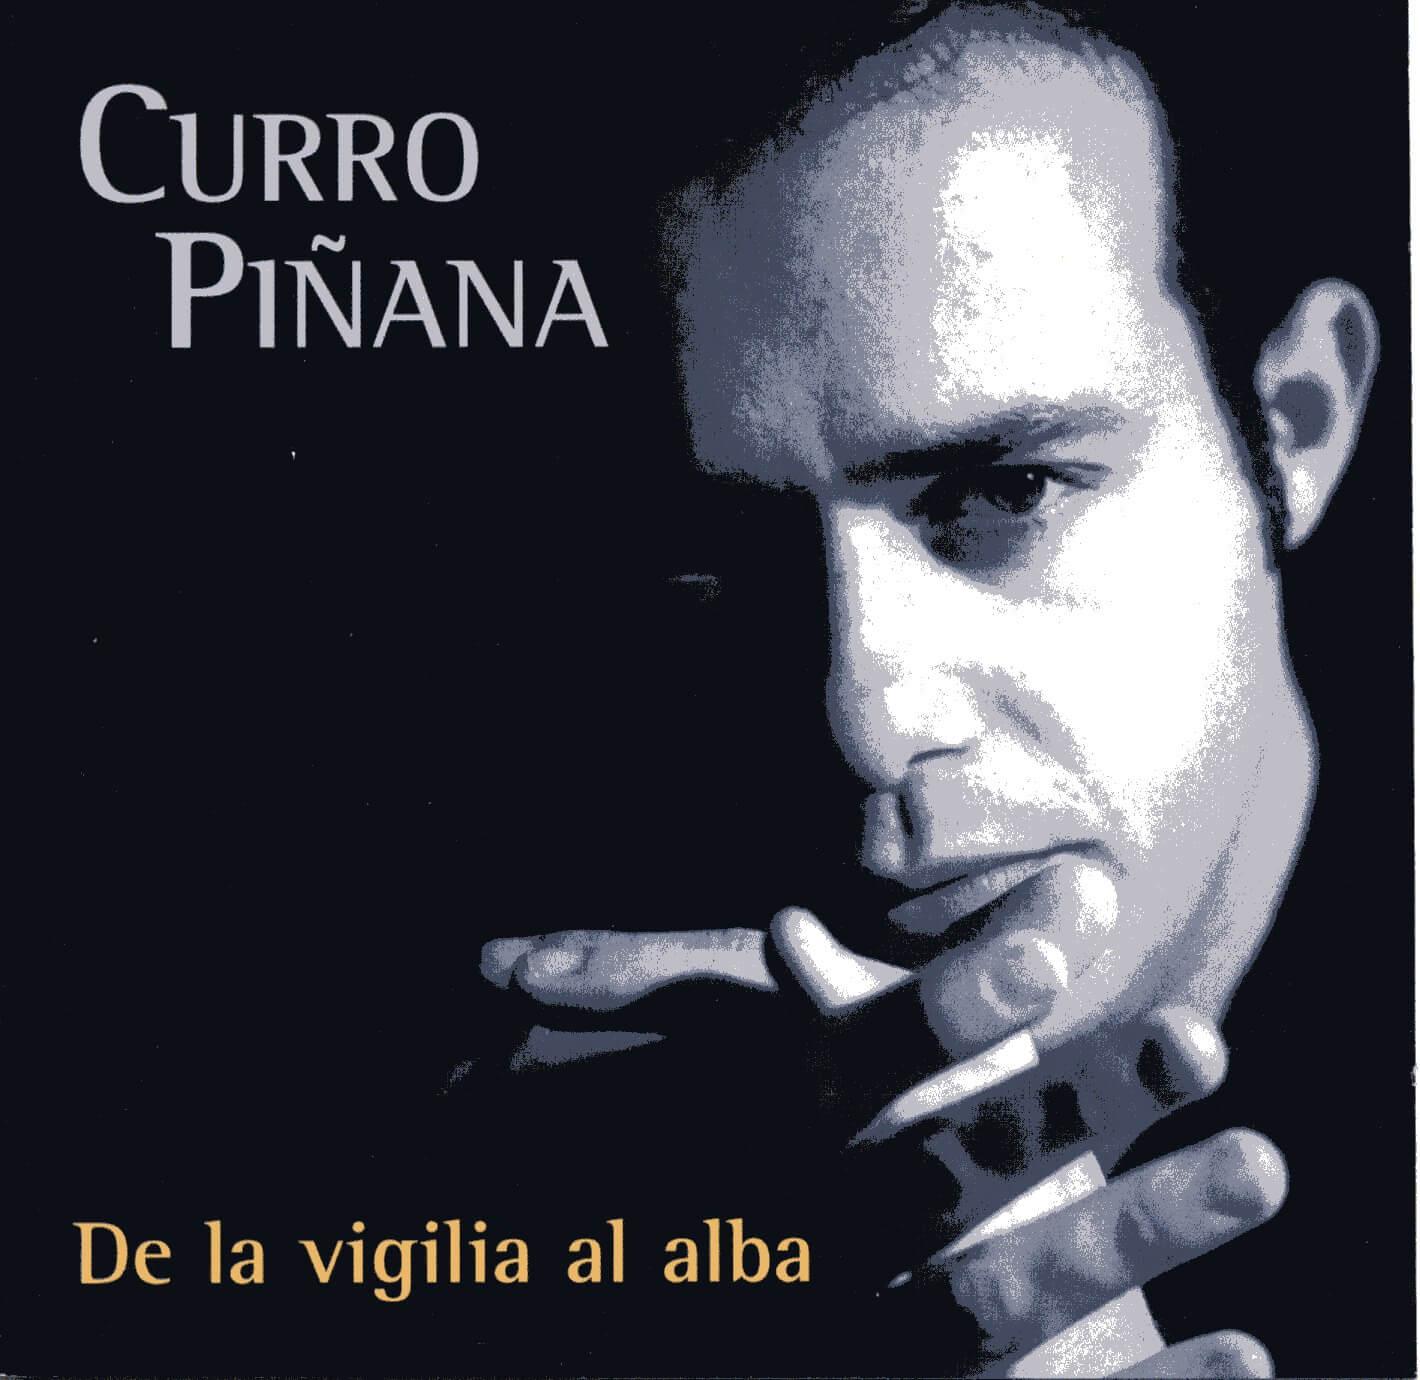 CURRO PIÑANA | DE LA VIGILIA AL ALBA